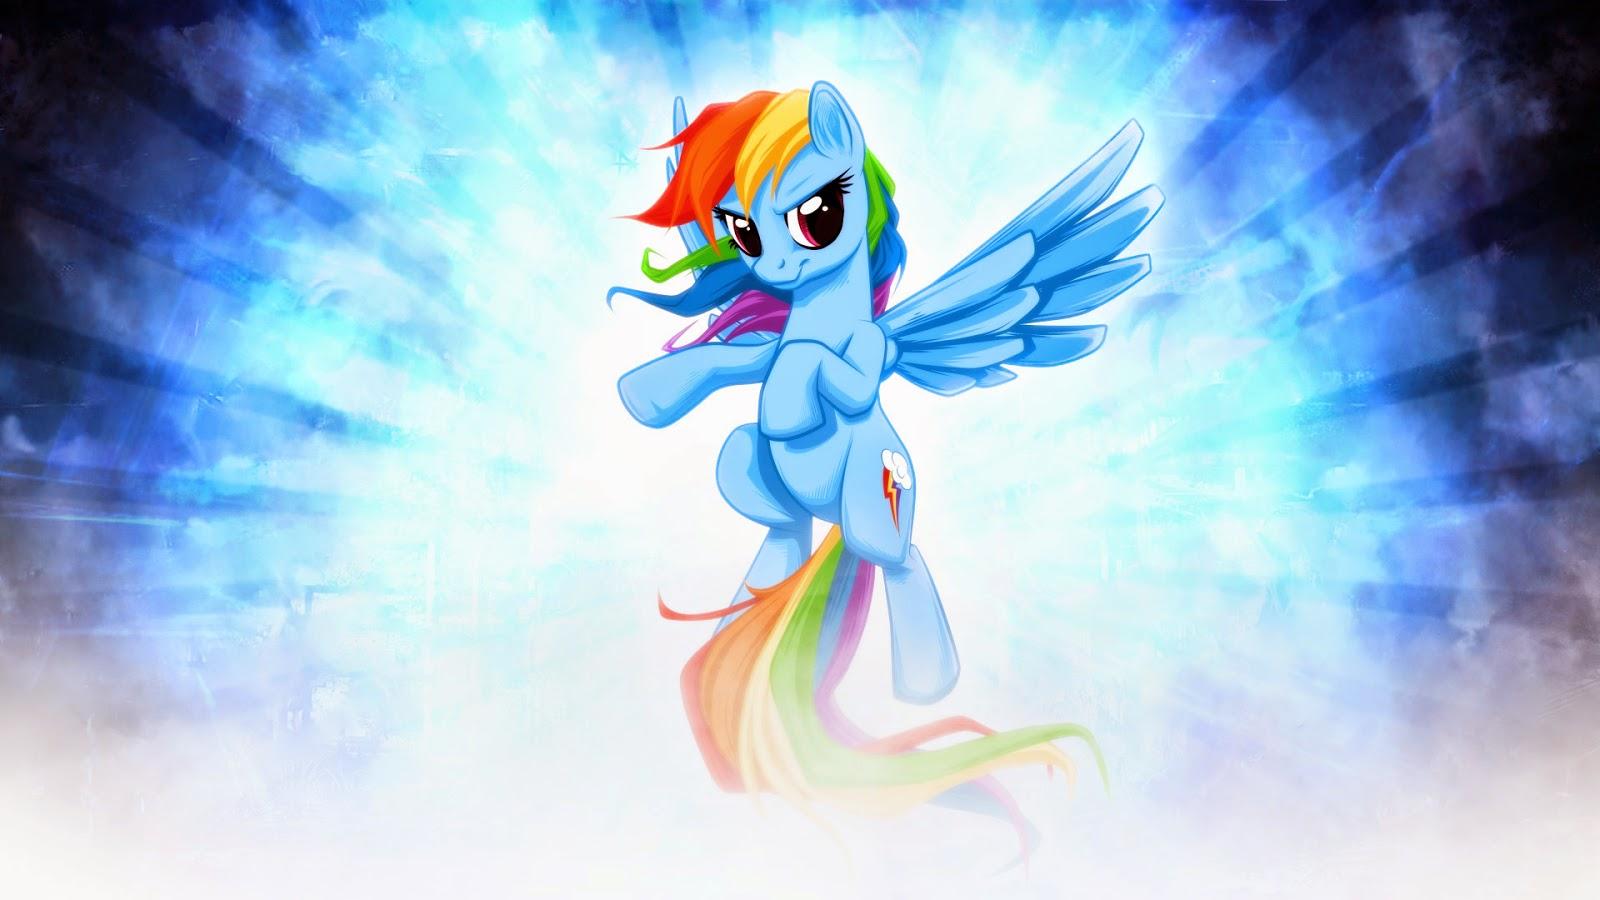 Rainbow Dash Character Desktop Wallpaper